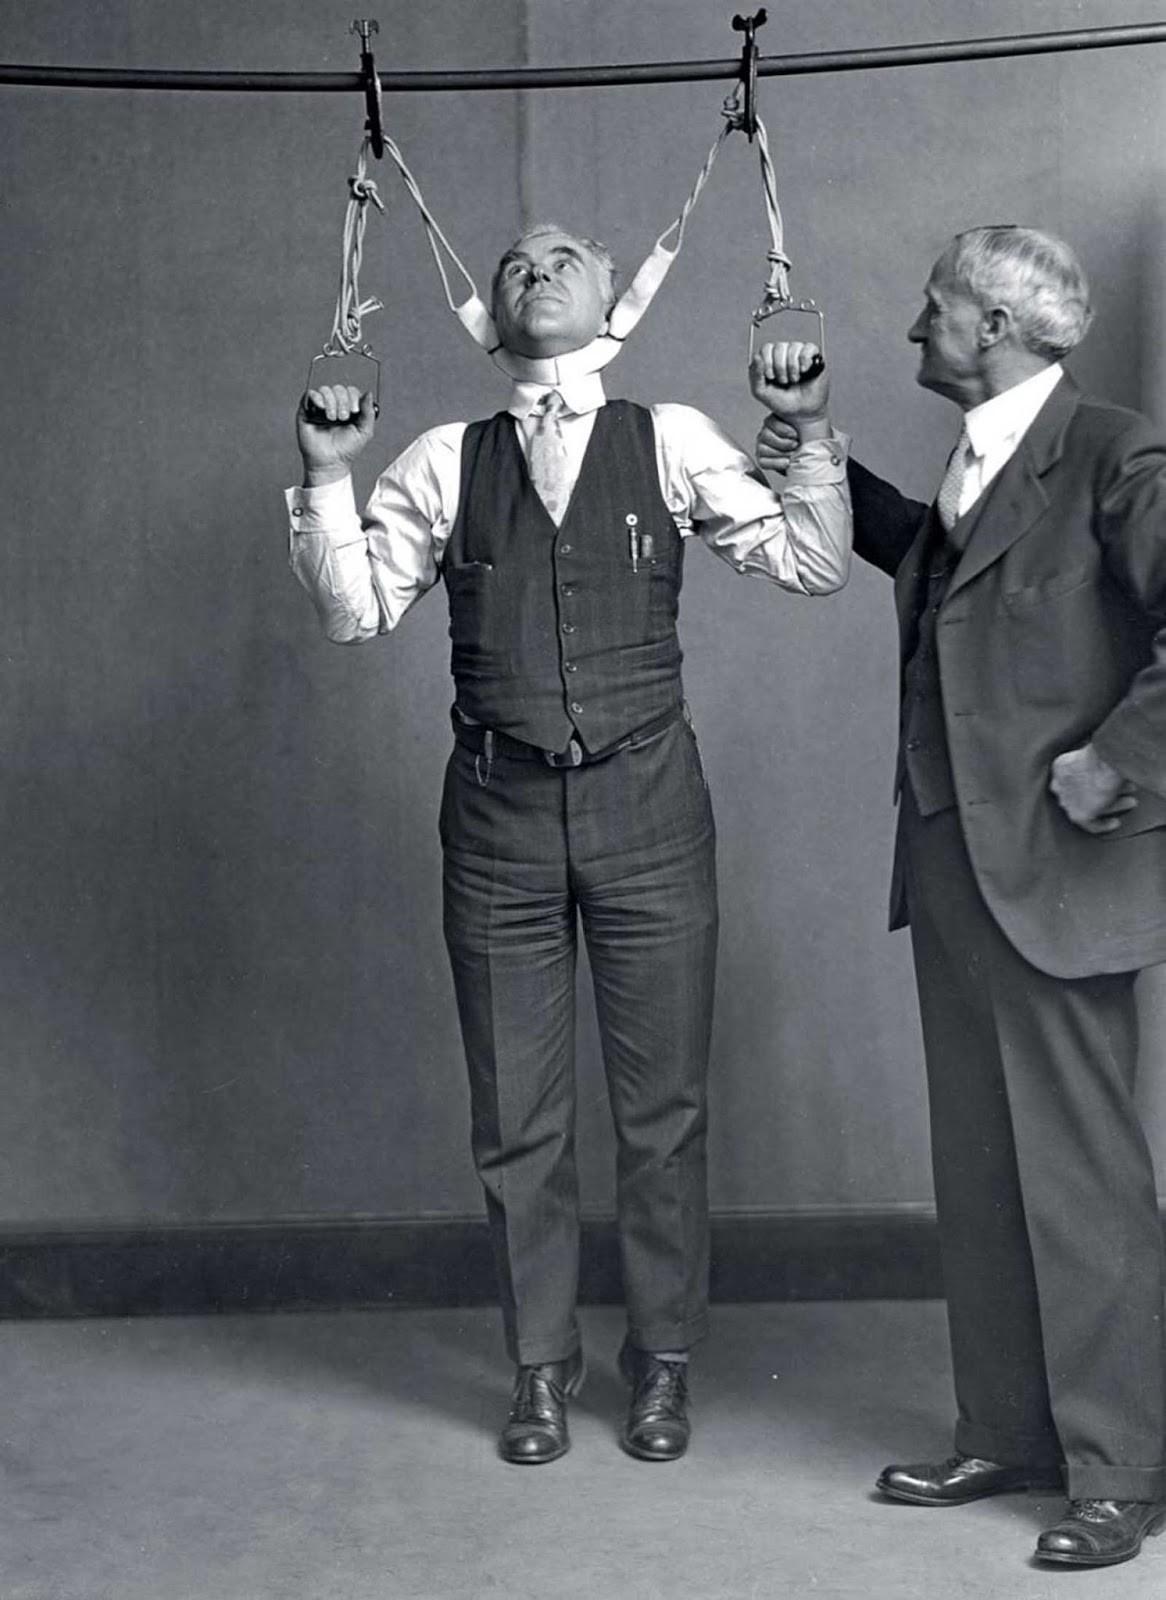 Устройство, якобы увеличивающее рост на 5-15 см, 1931 год